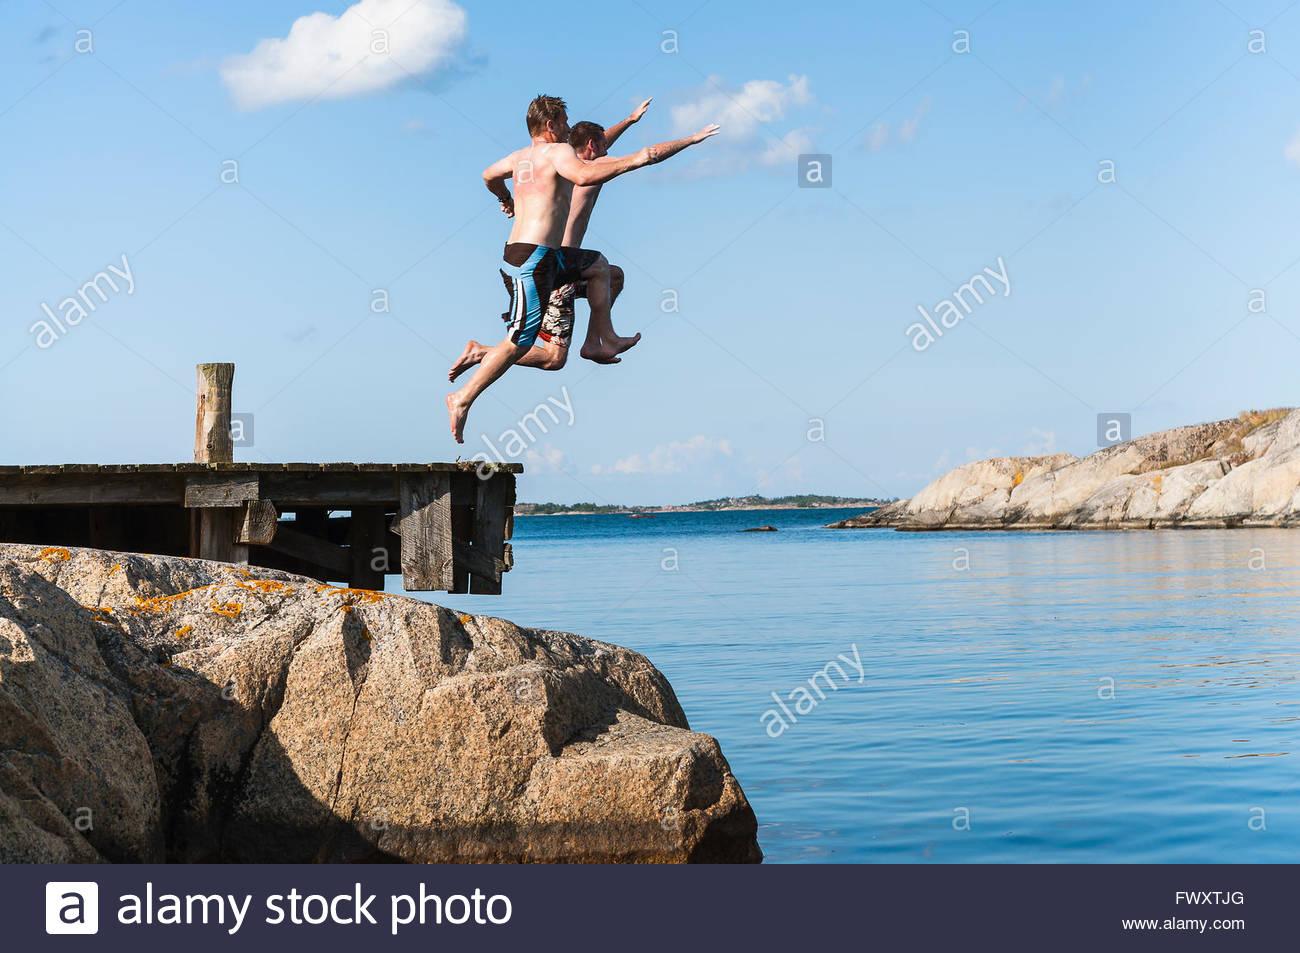 Suecia, archipiélago de Estocolmo, Uppland Vidinge, dos hombres saltar en el lago desde el embarcadero Imagen De Stock